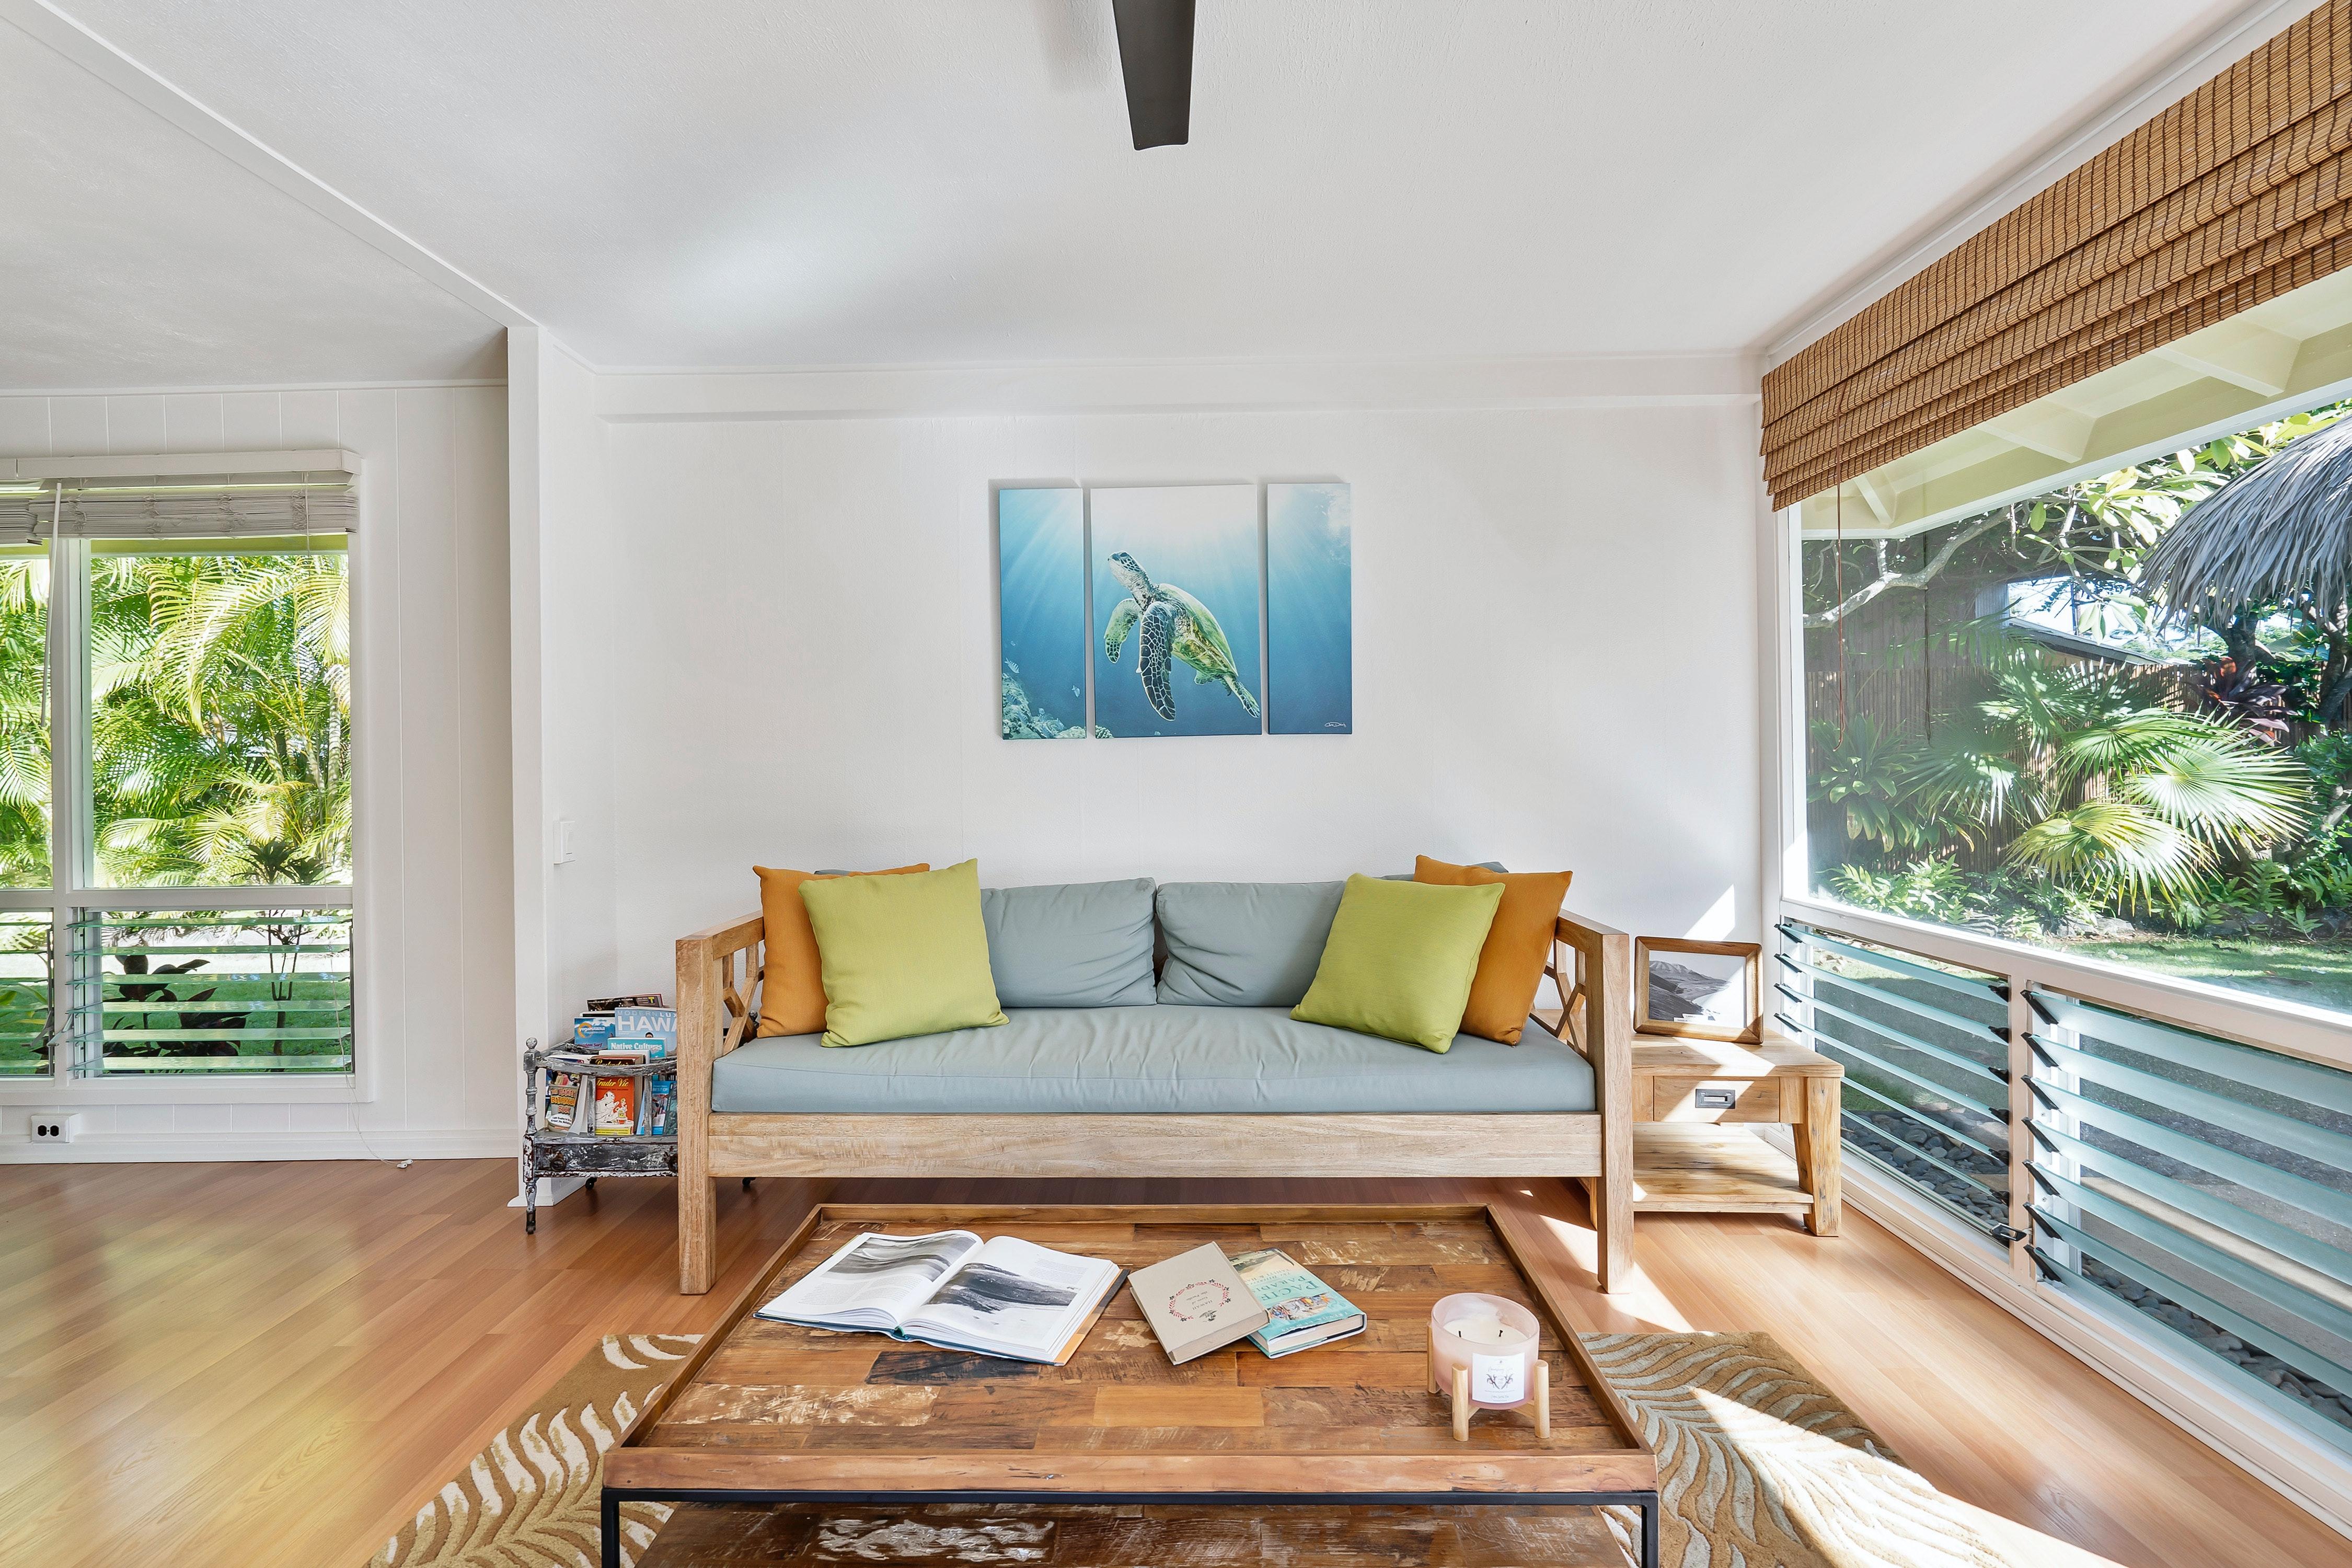 Imobiliário: Tendências que vieram para ficar